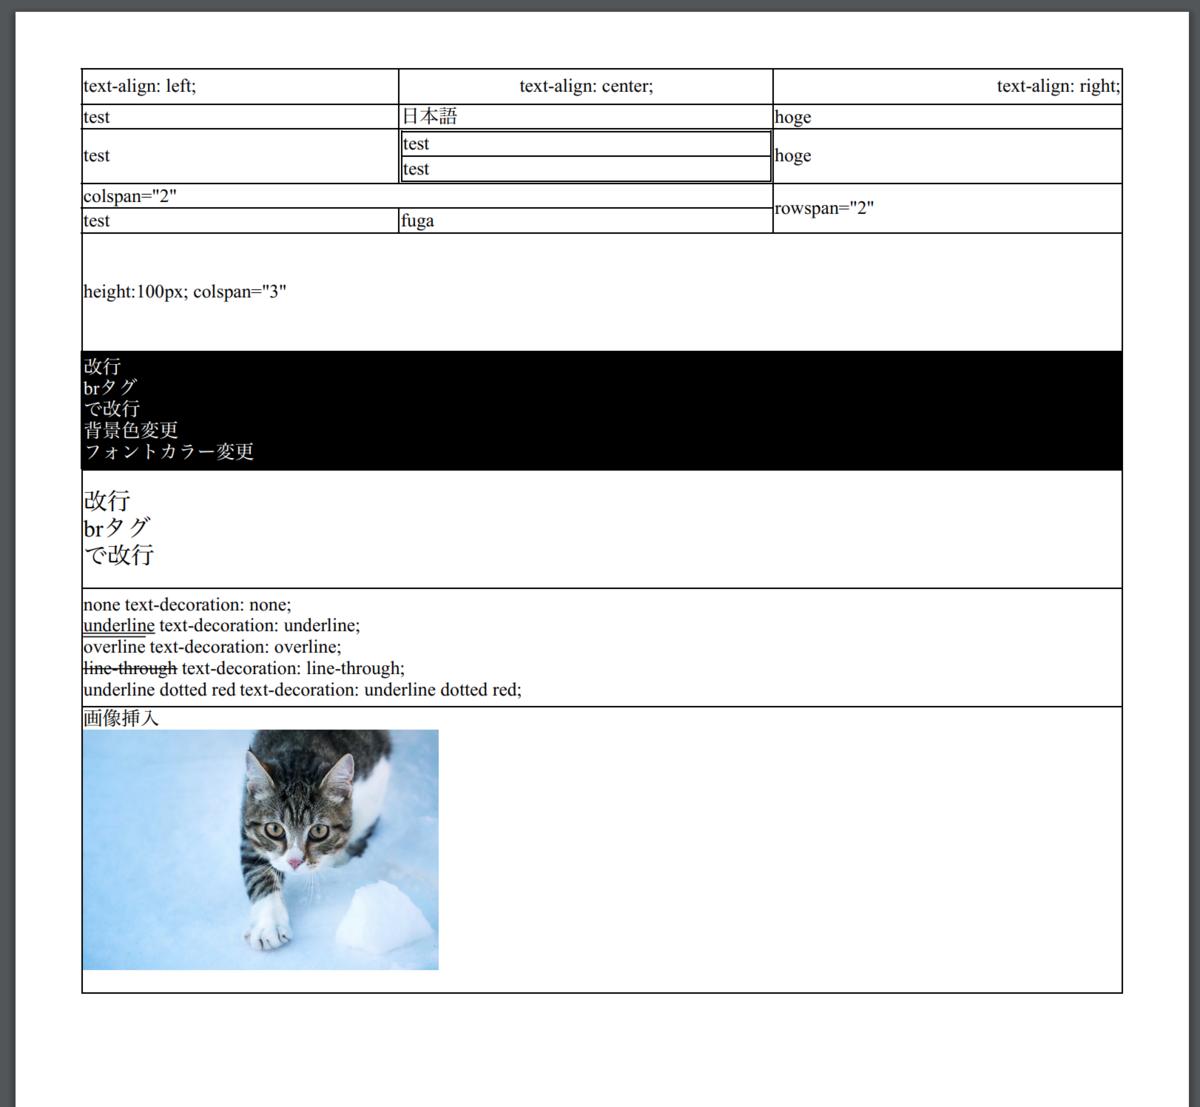 f:id:mitsugi-bb:20201010145546p:plain